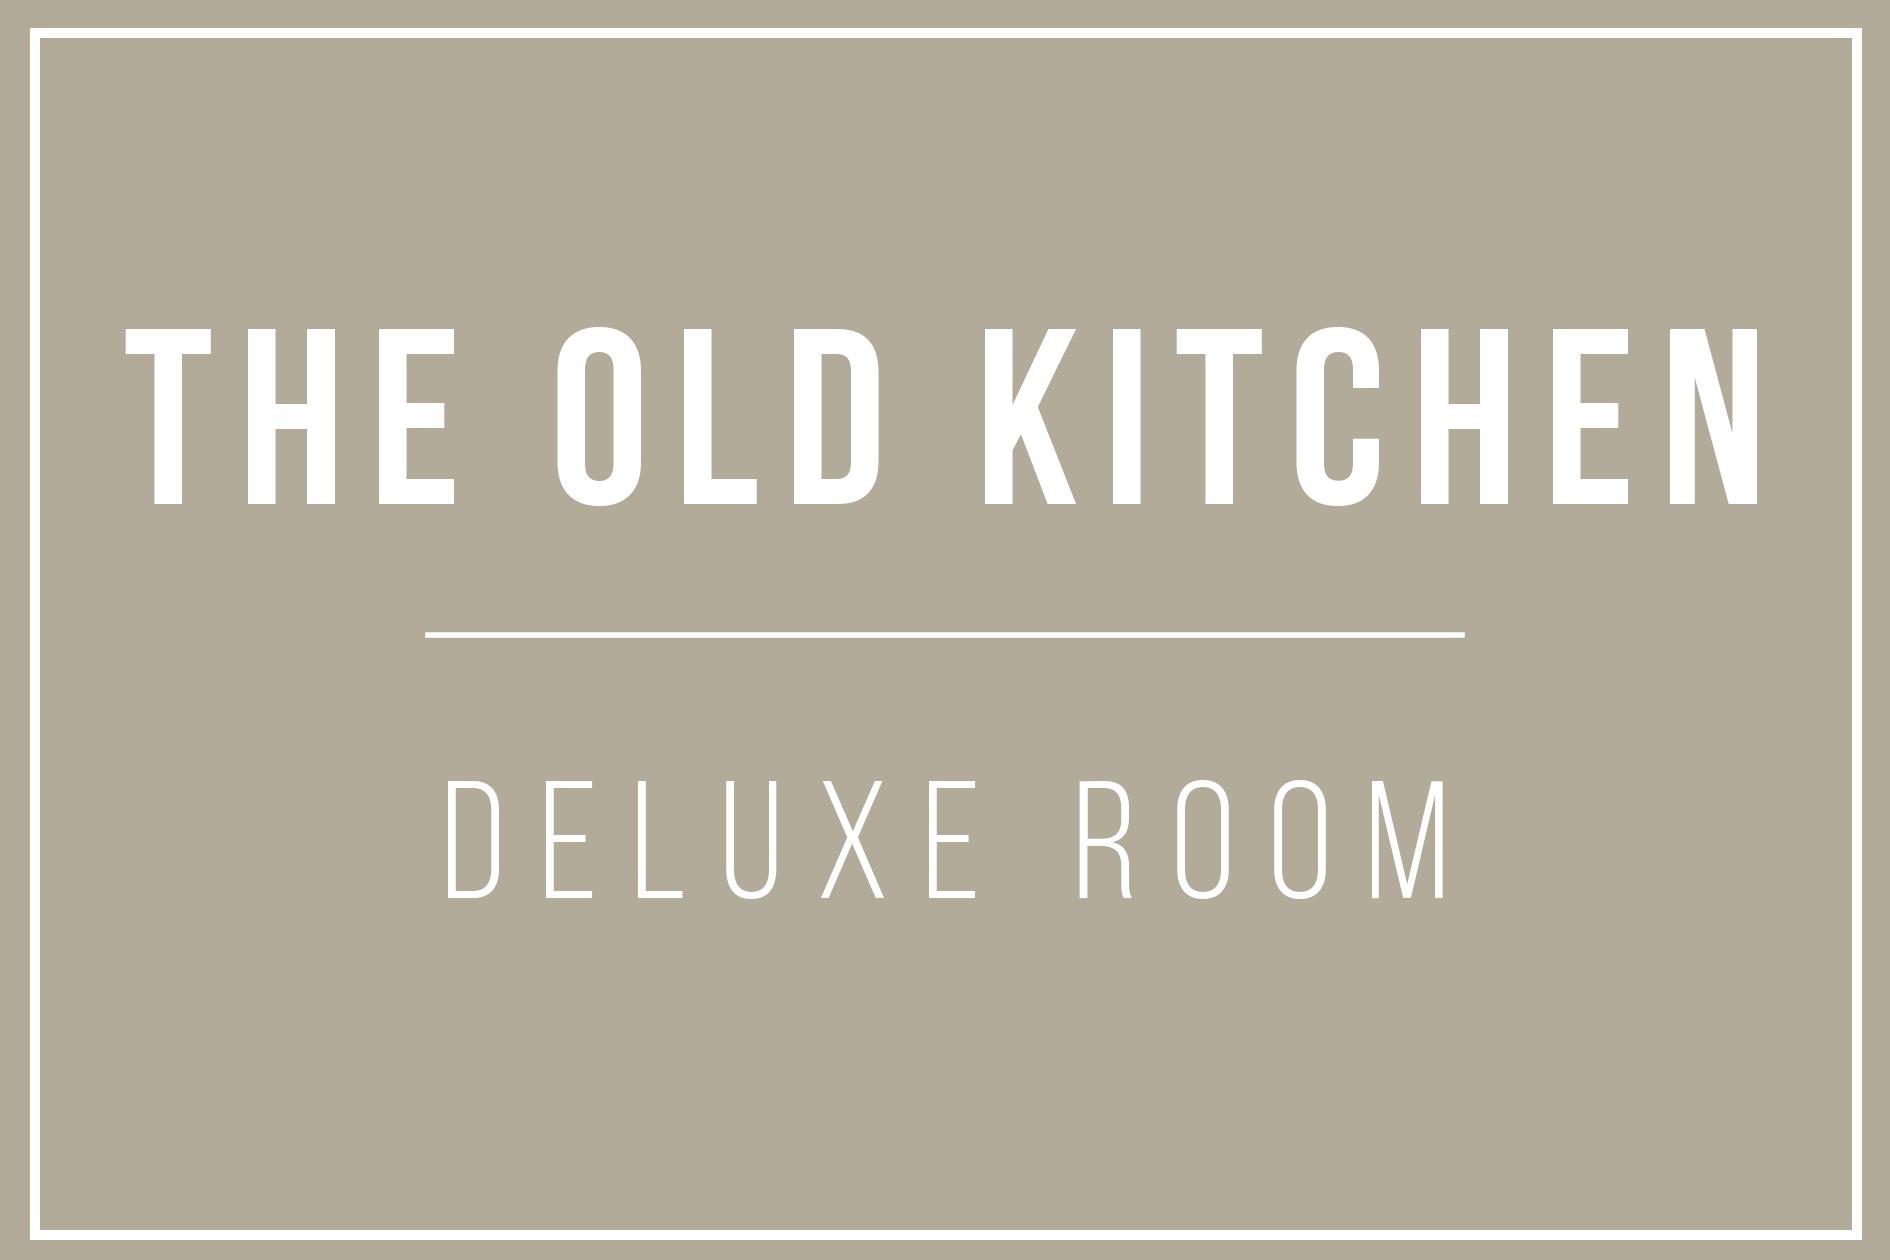 aya-kapadokya-old-kitchen-deluxe-room-header-0001